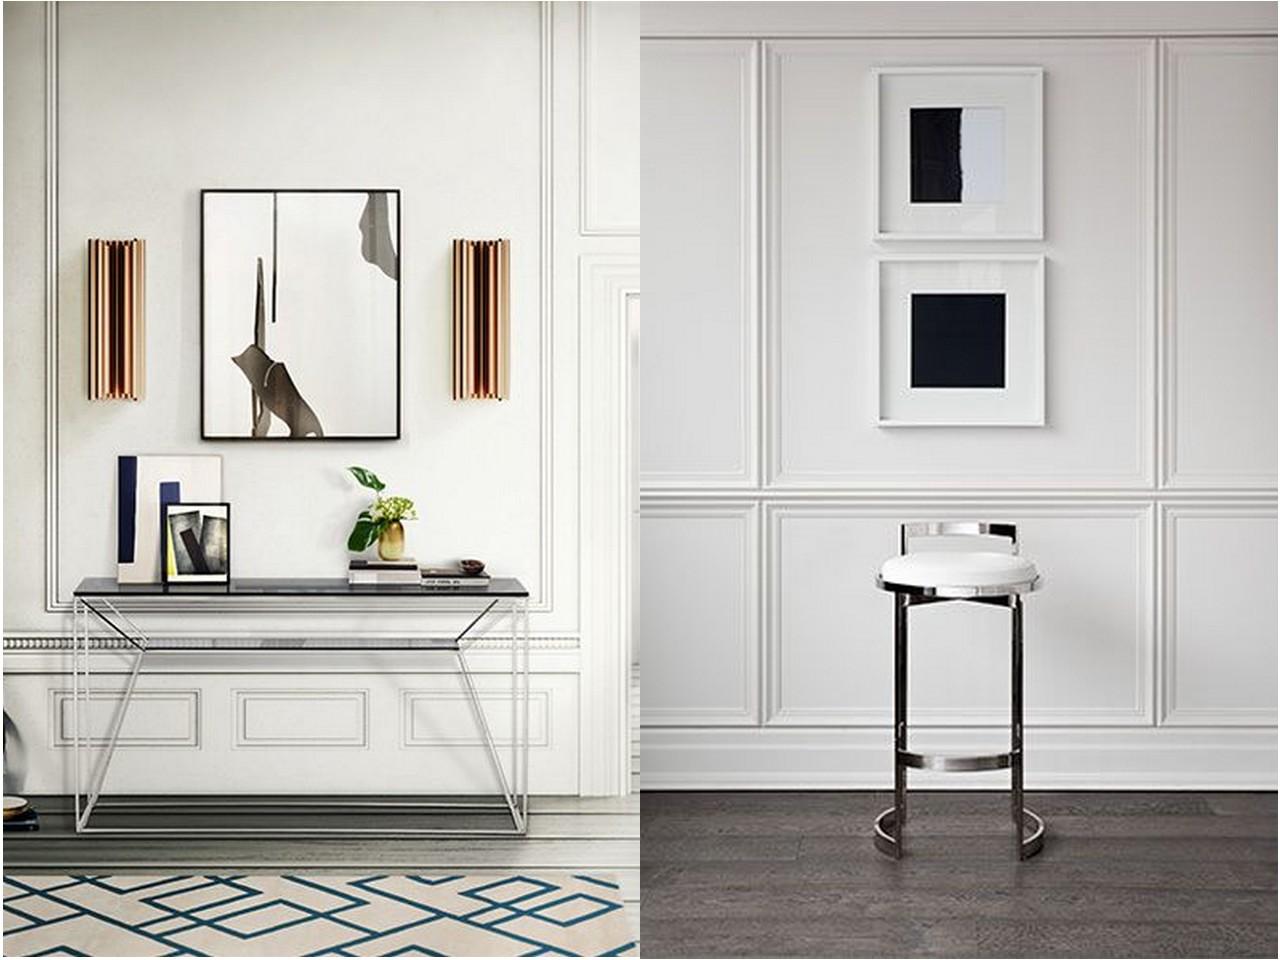 La decoraci n con molduras en casa vuelve a ser tendencia - Panelado de paredes ...